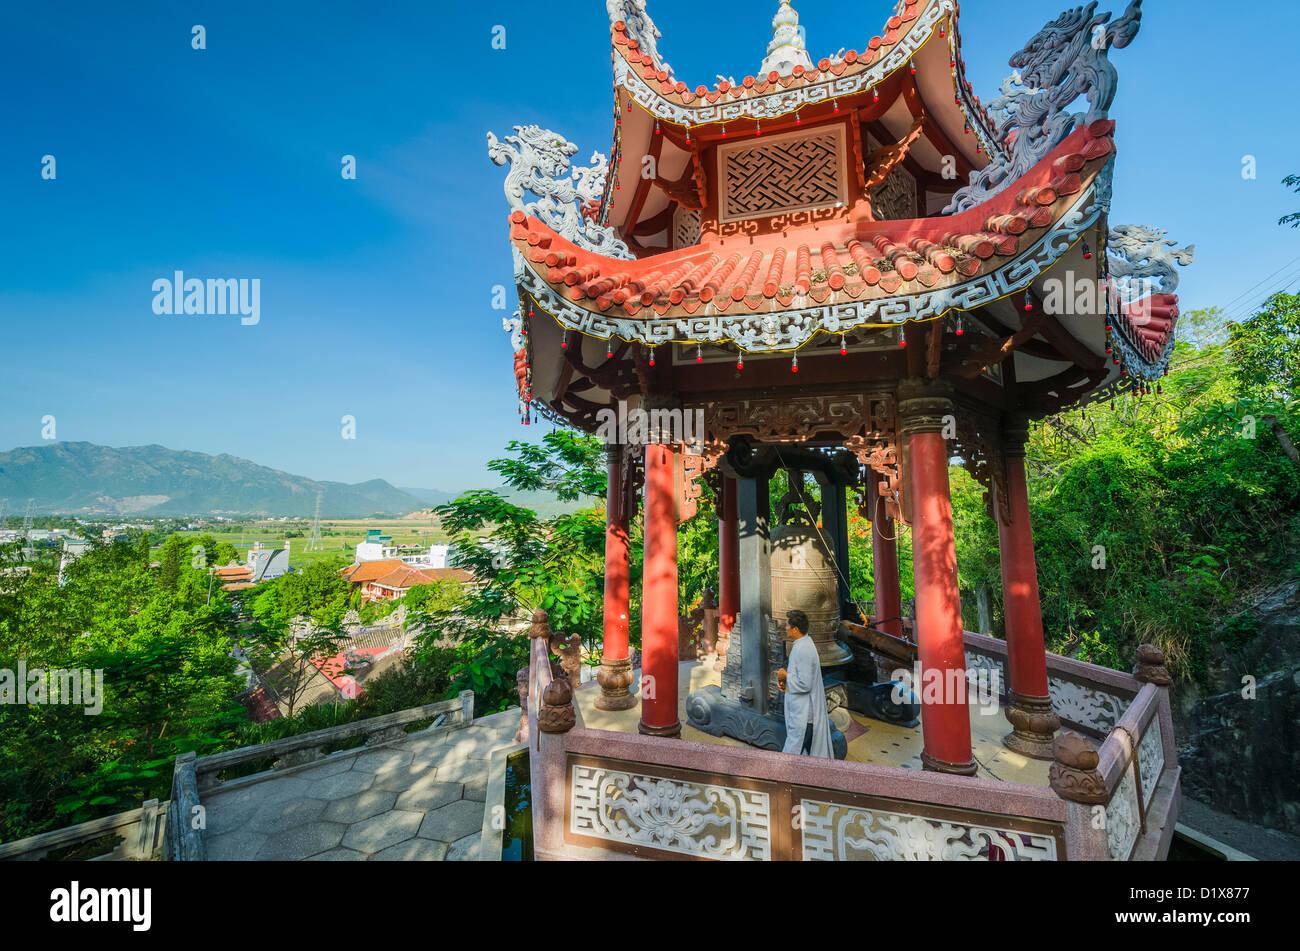 Long Son Pagoda. Nha Trang, Vietnam - Stock Image